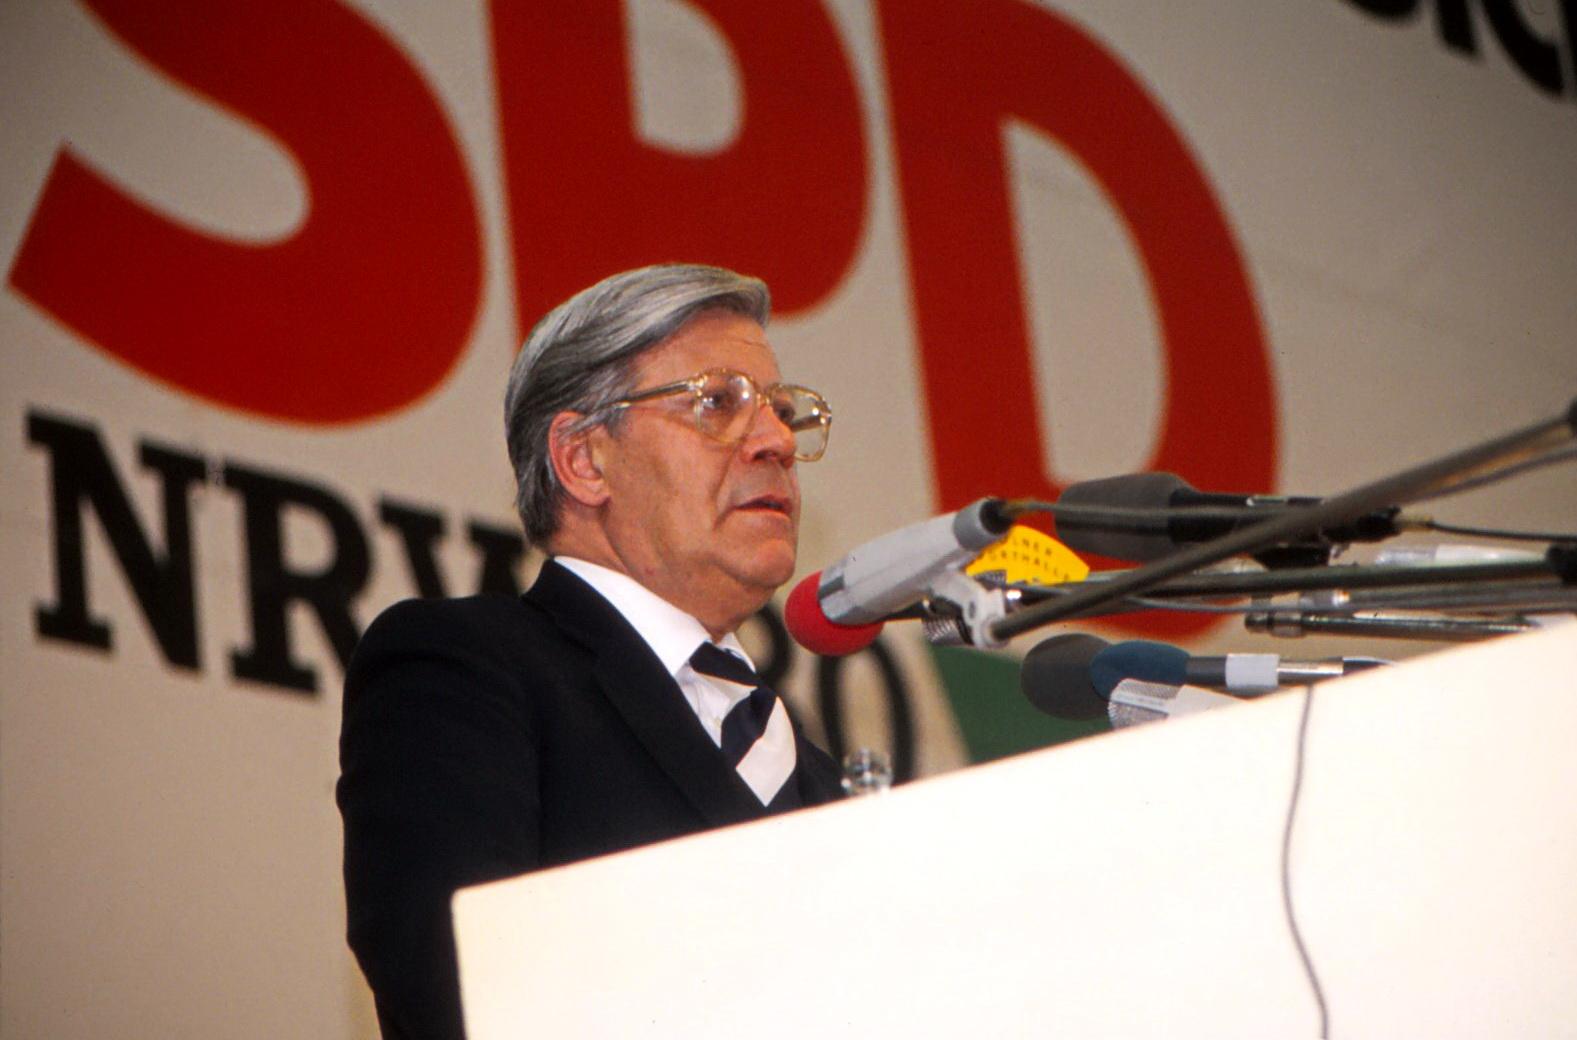 Tschüs Helmut